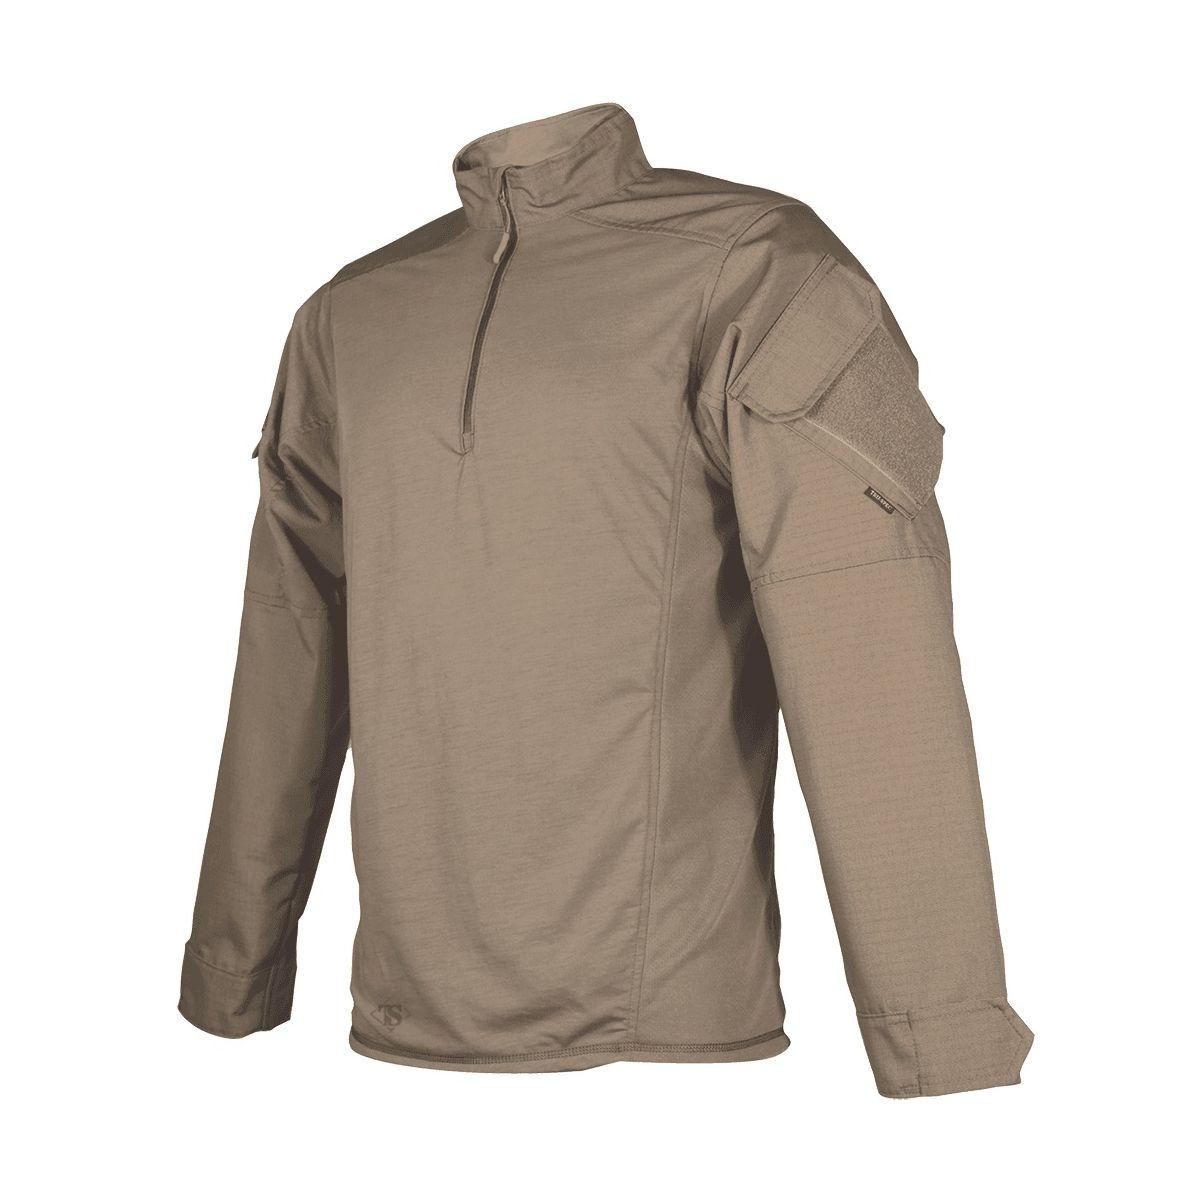 Košile taktická URBAN FORCE TRU 1/4 ZIP HNĚDÁ TRU-SPEC 25980 L-11